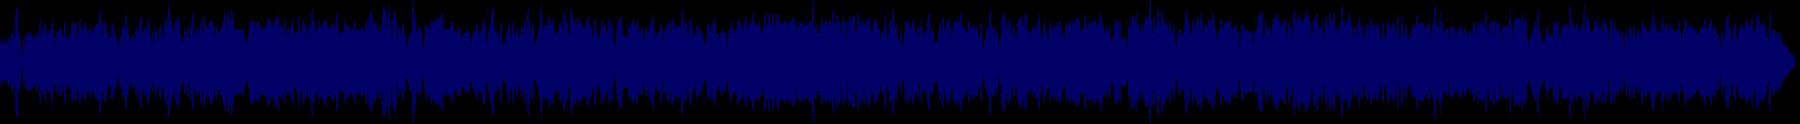 waveform of track #85293